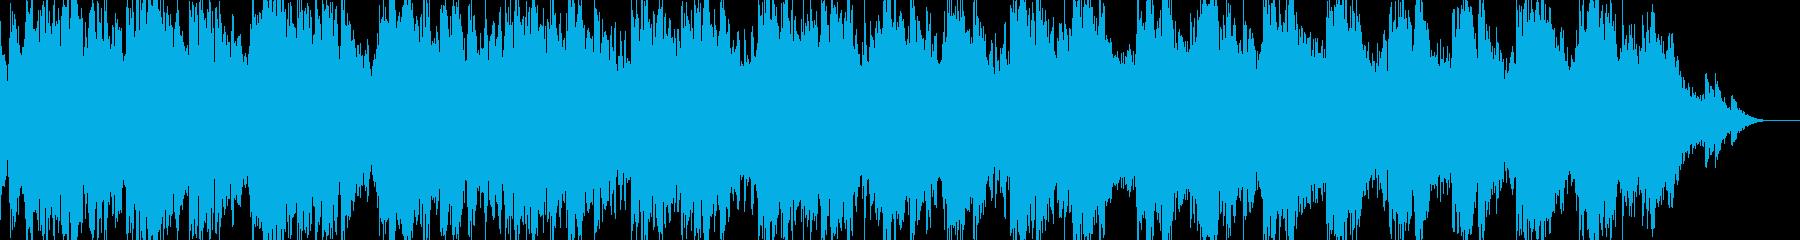 シリアルな曲調です。の再生済みの波形